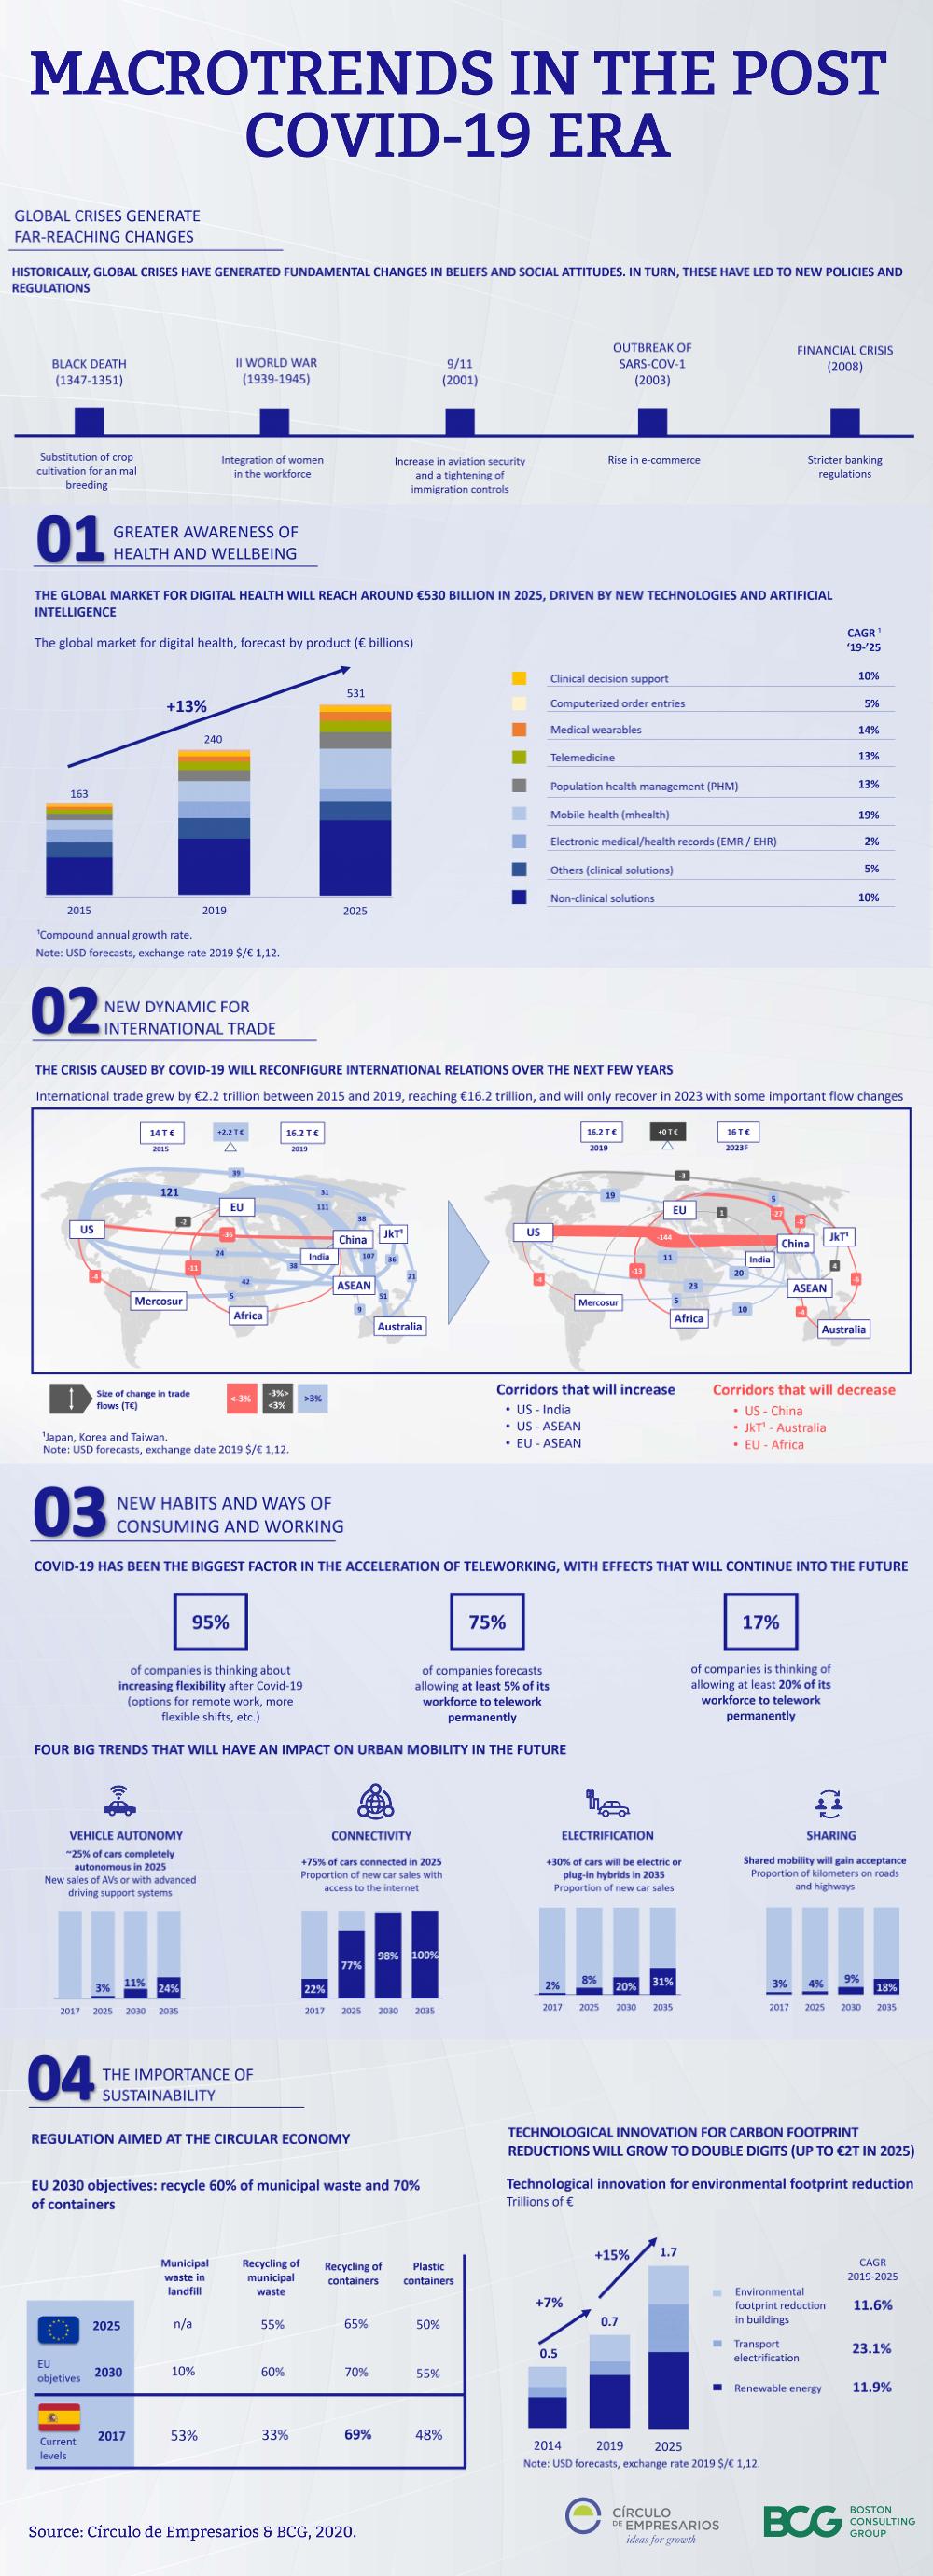 Macrotrends-in-the-post-covid-era-June-2020-Ciculo-de-Empresarios